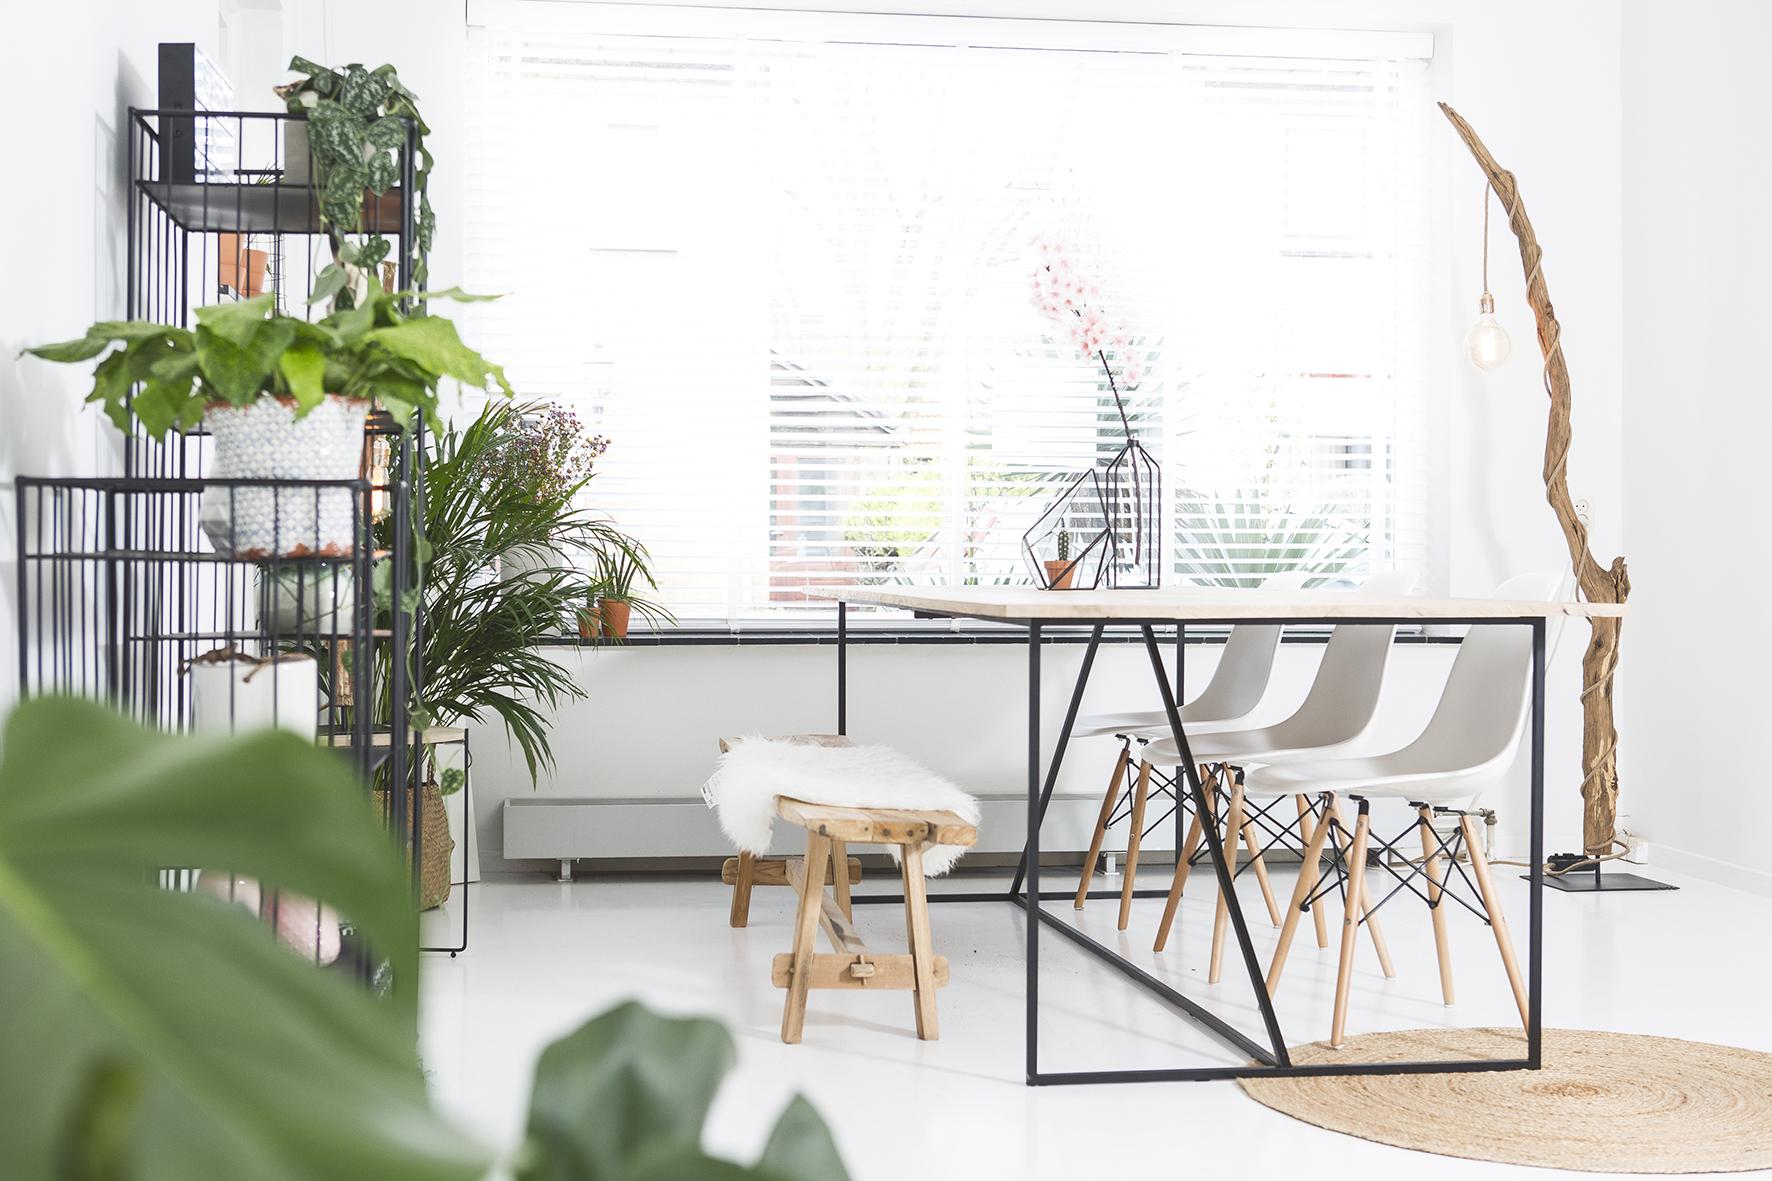 Sofacompany be miles is een zwarte minimalistische eettafel met